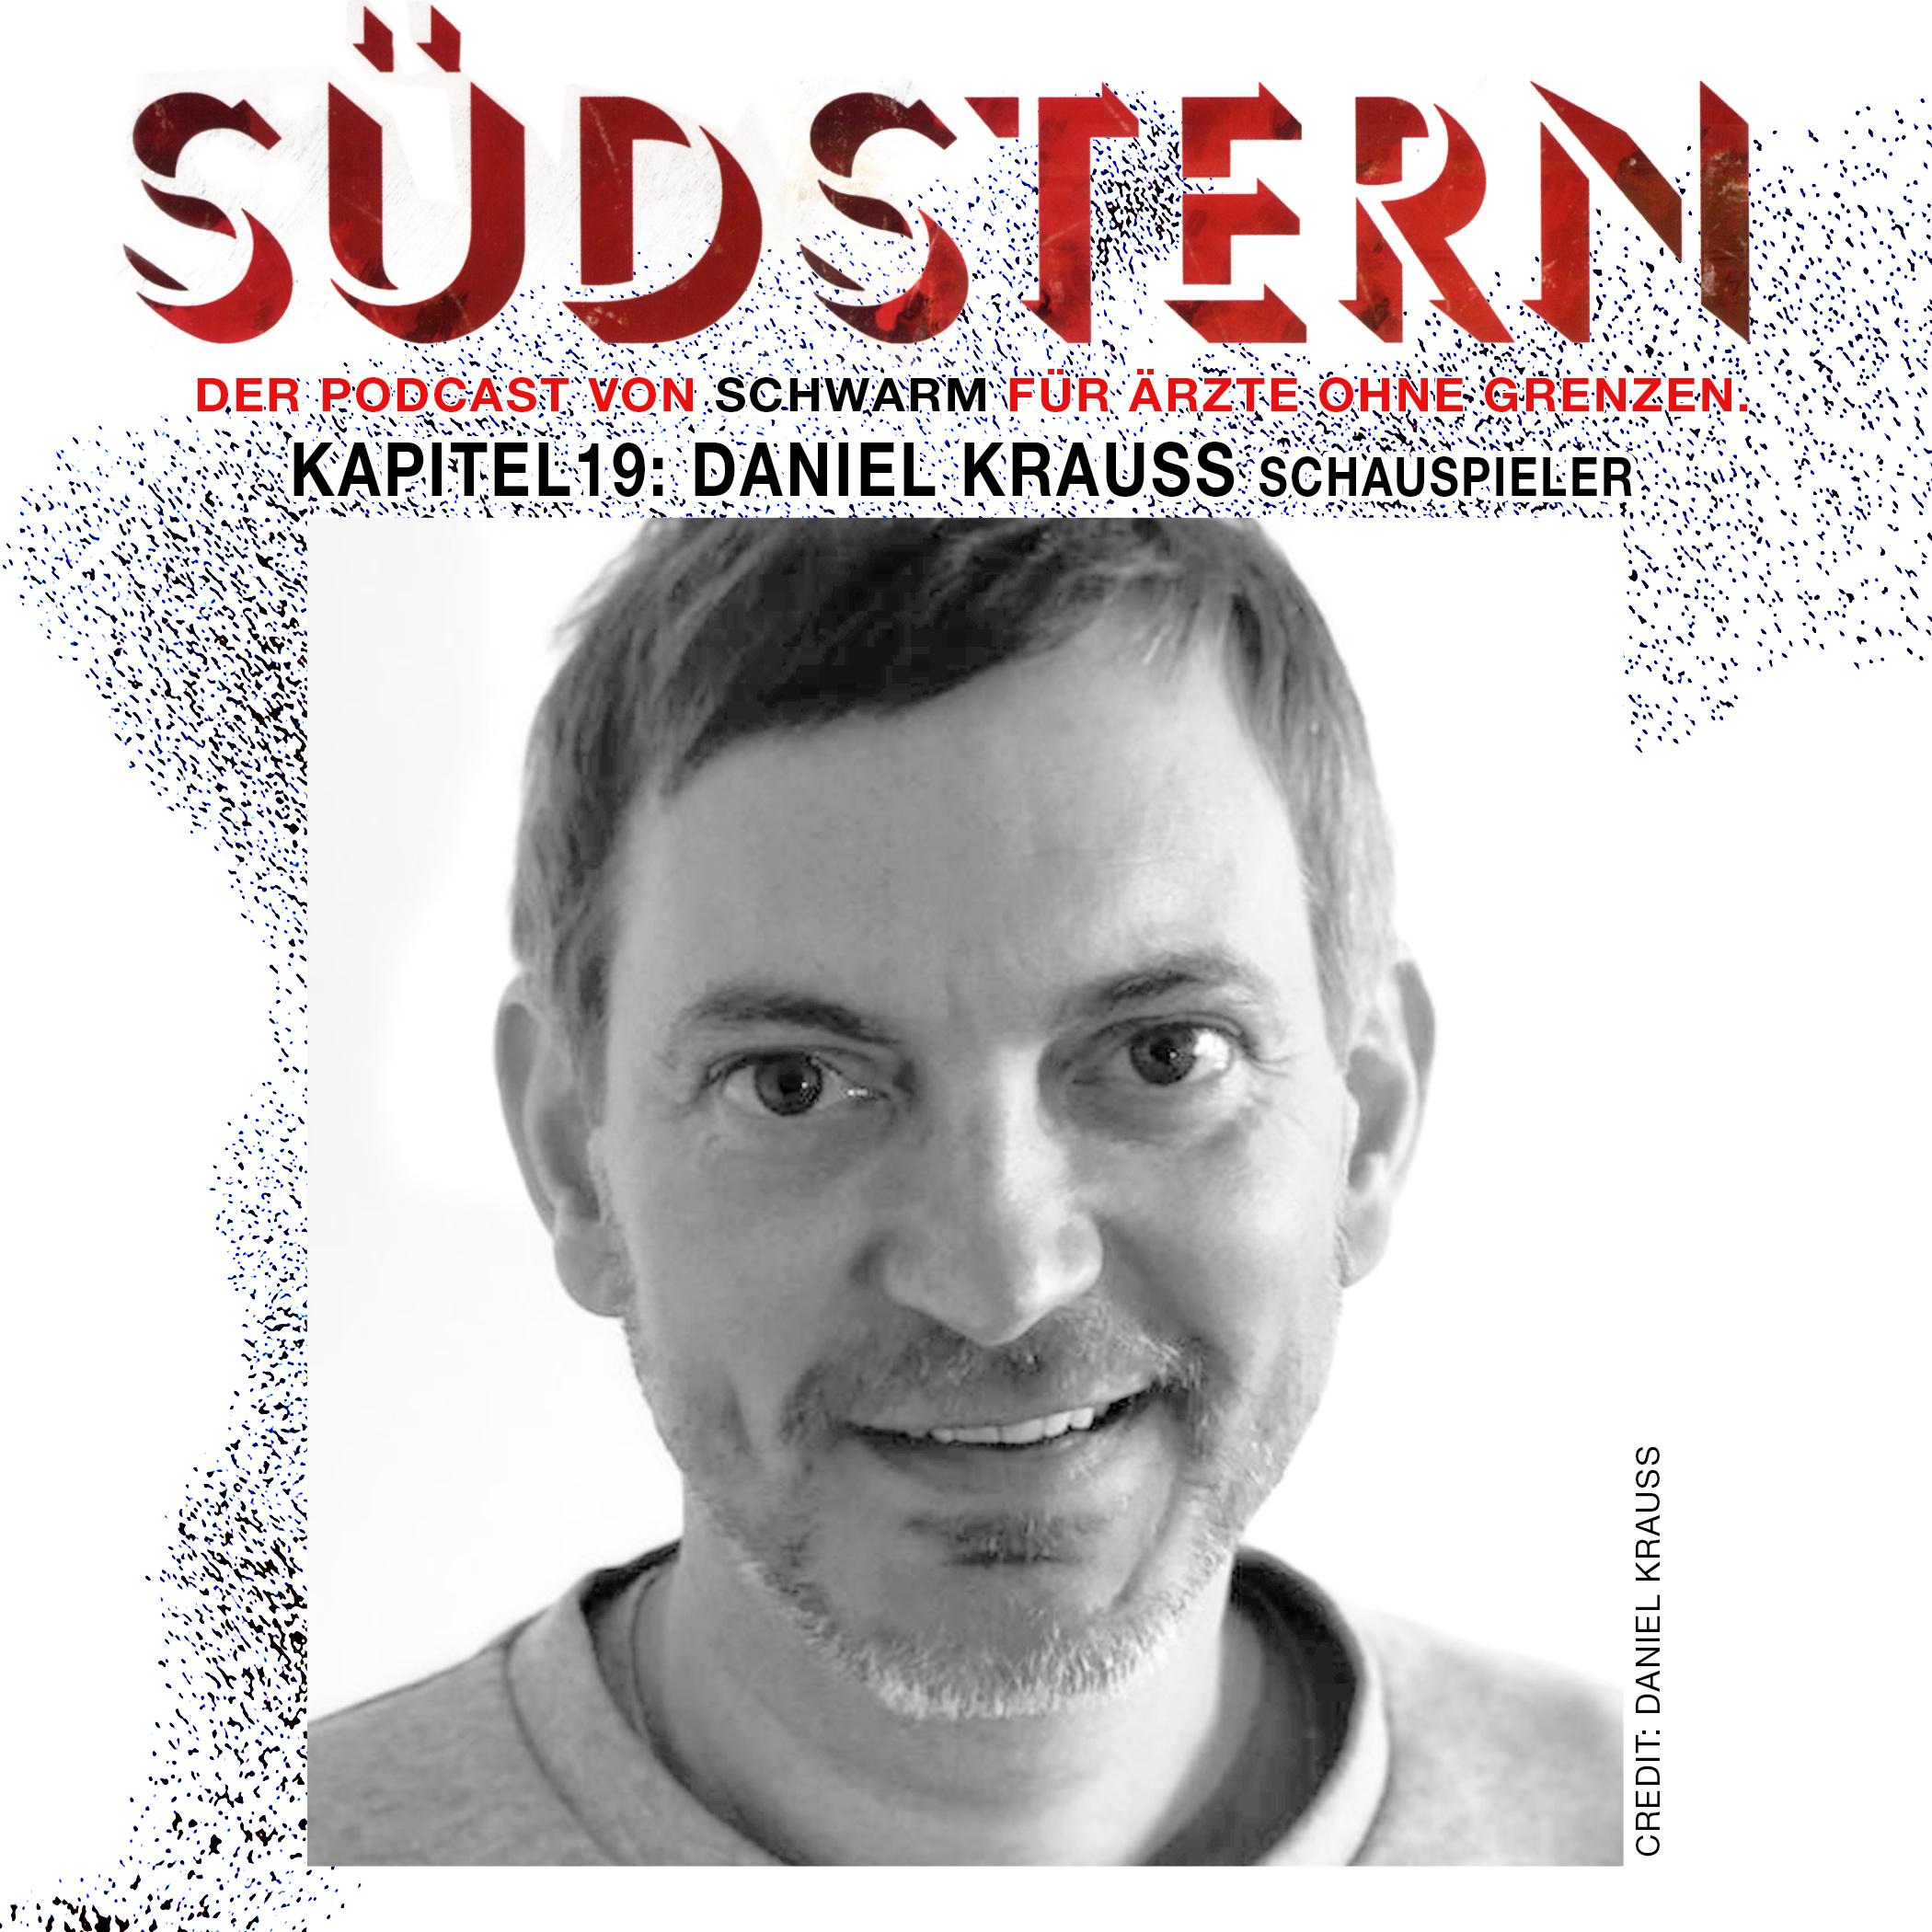 Kapitel 19 gelesen von Daniel Krauss